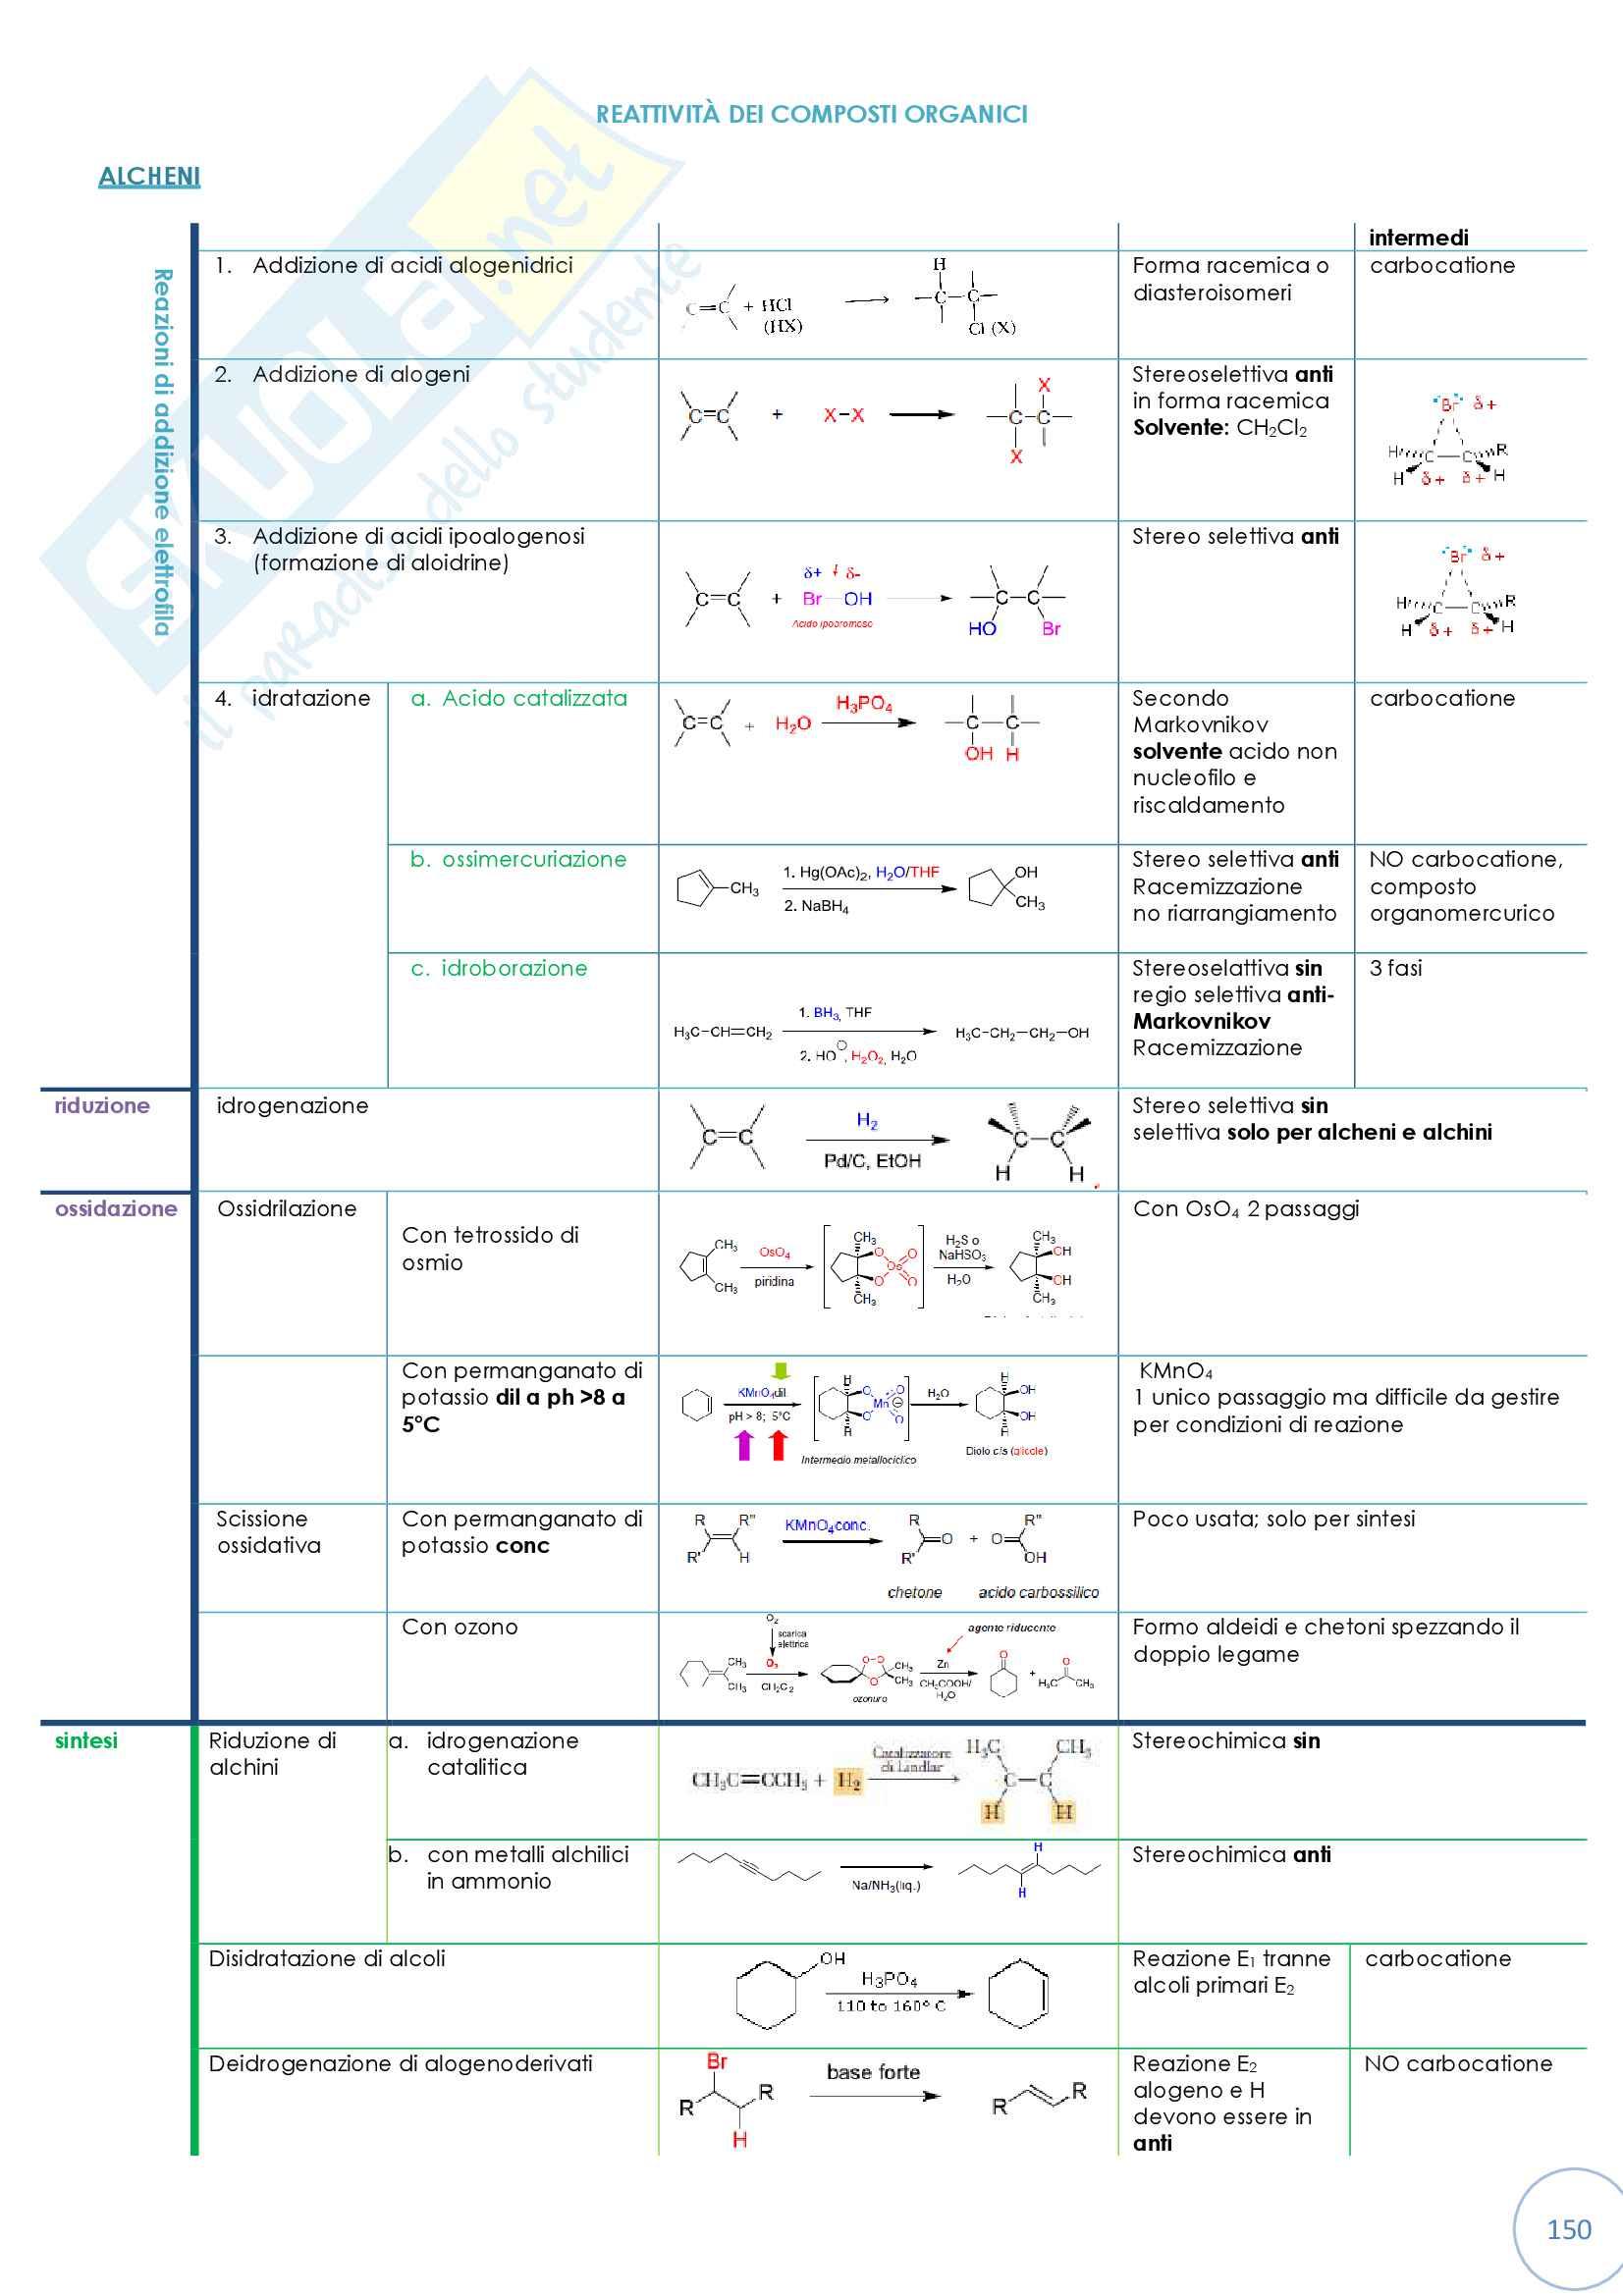 Tabella riassuntiva di reattività dei composti organici